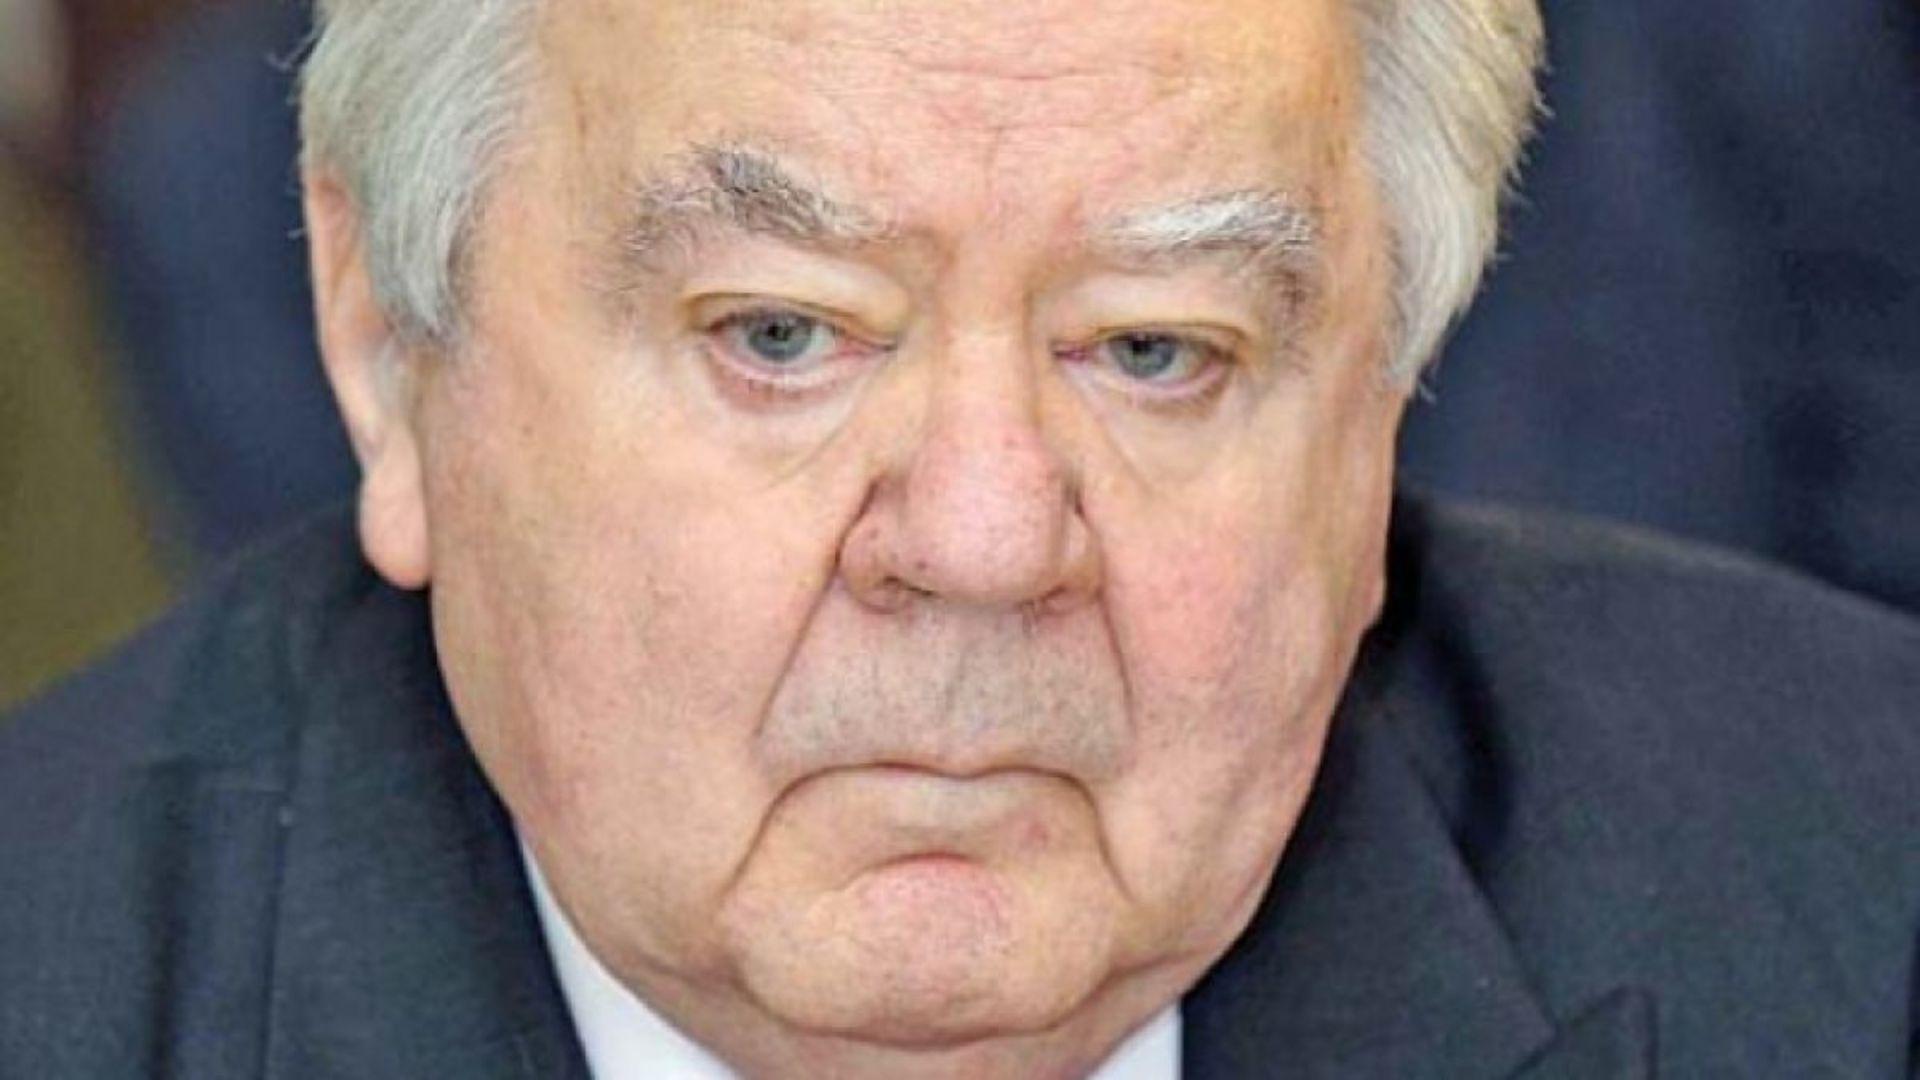 Doliu în lumea politică! A murit Oliviu Gherman, fostul președinte al Senatului